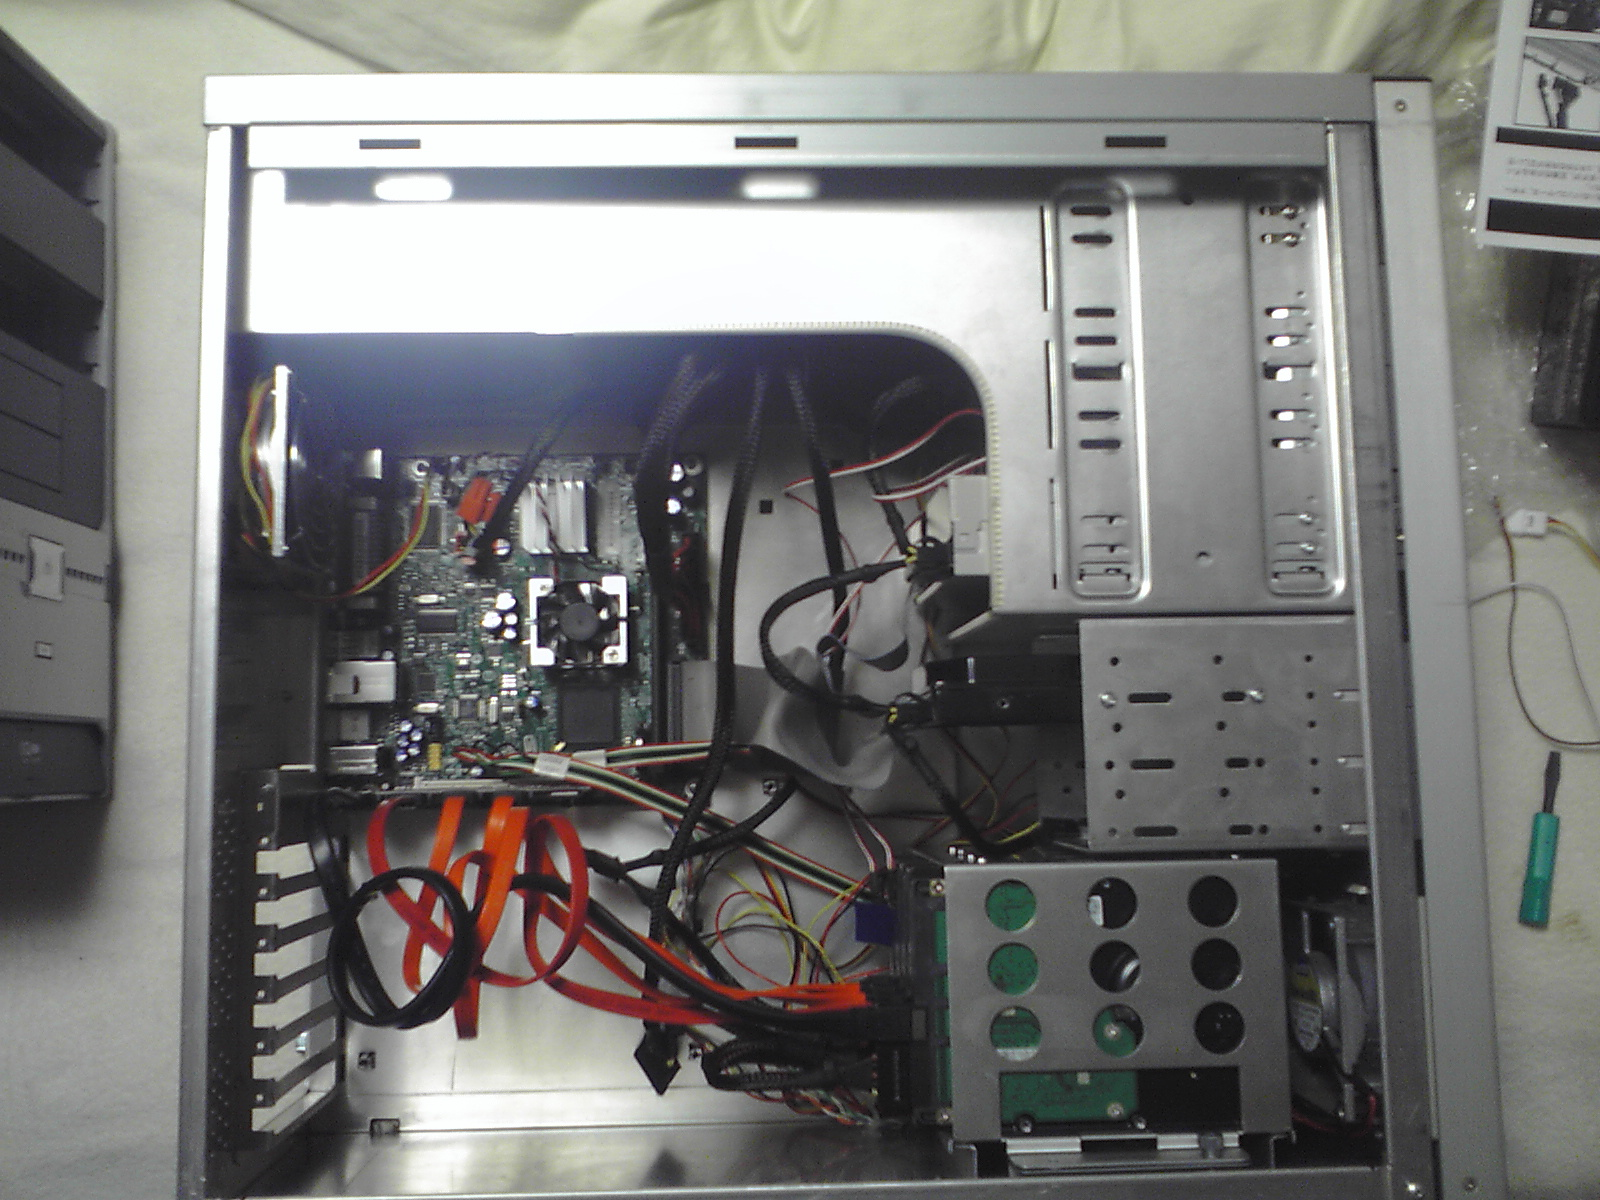 http://recitativo-fant.asia/blog/blog_images/server20091019_01.JPG